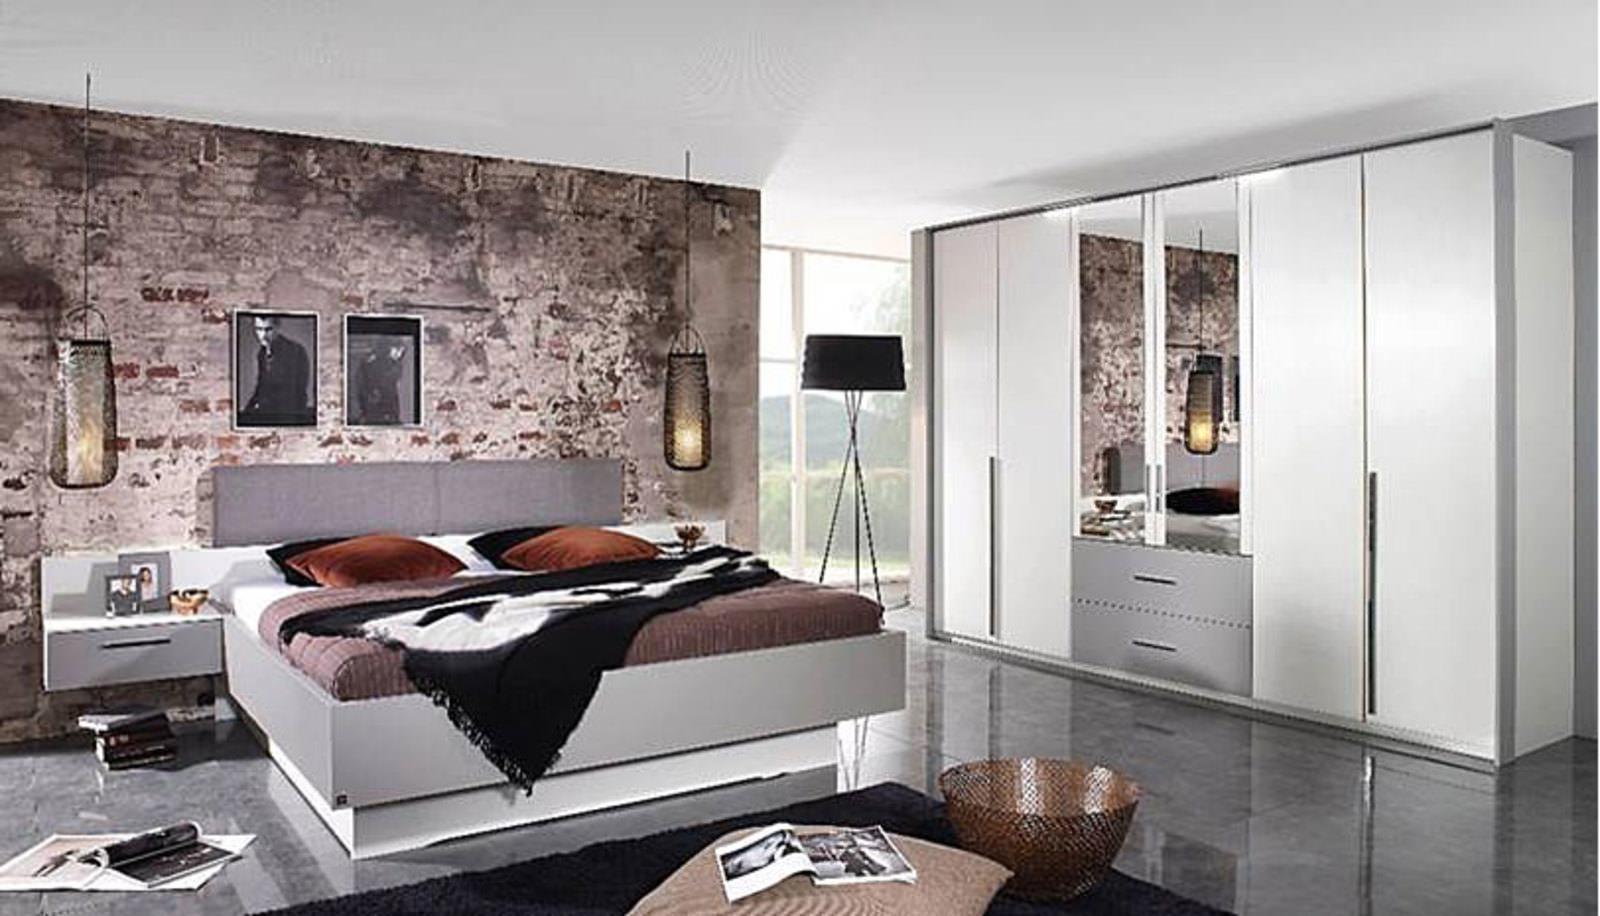 91552340b0 VITO Schlafzimmer weiß online entdecken | Schaffrath - Ihr Möbelhaus